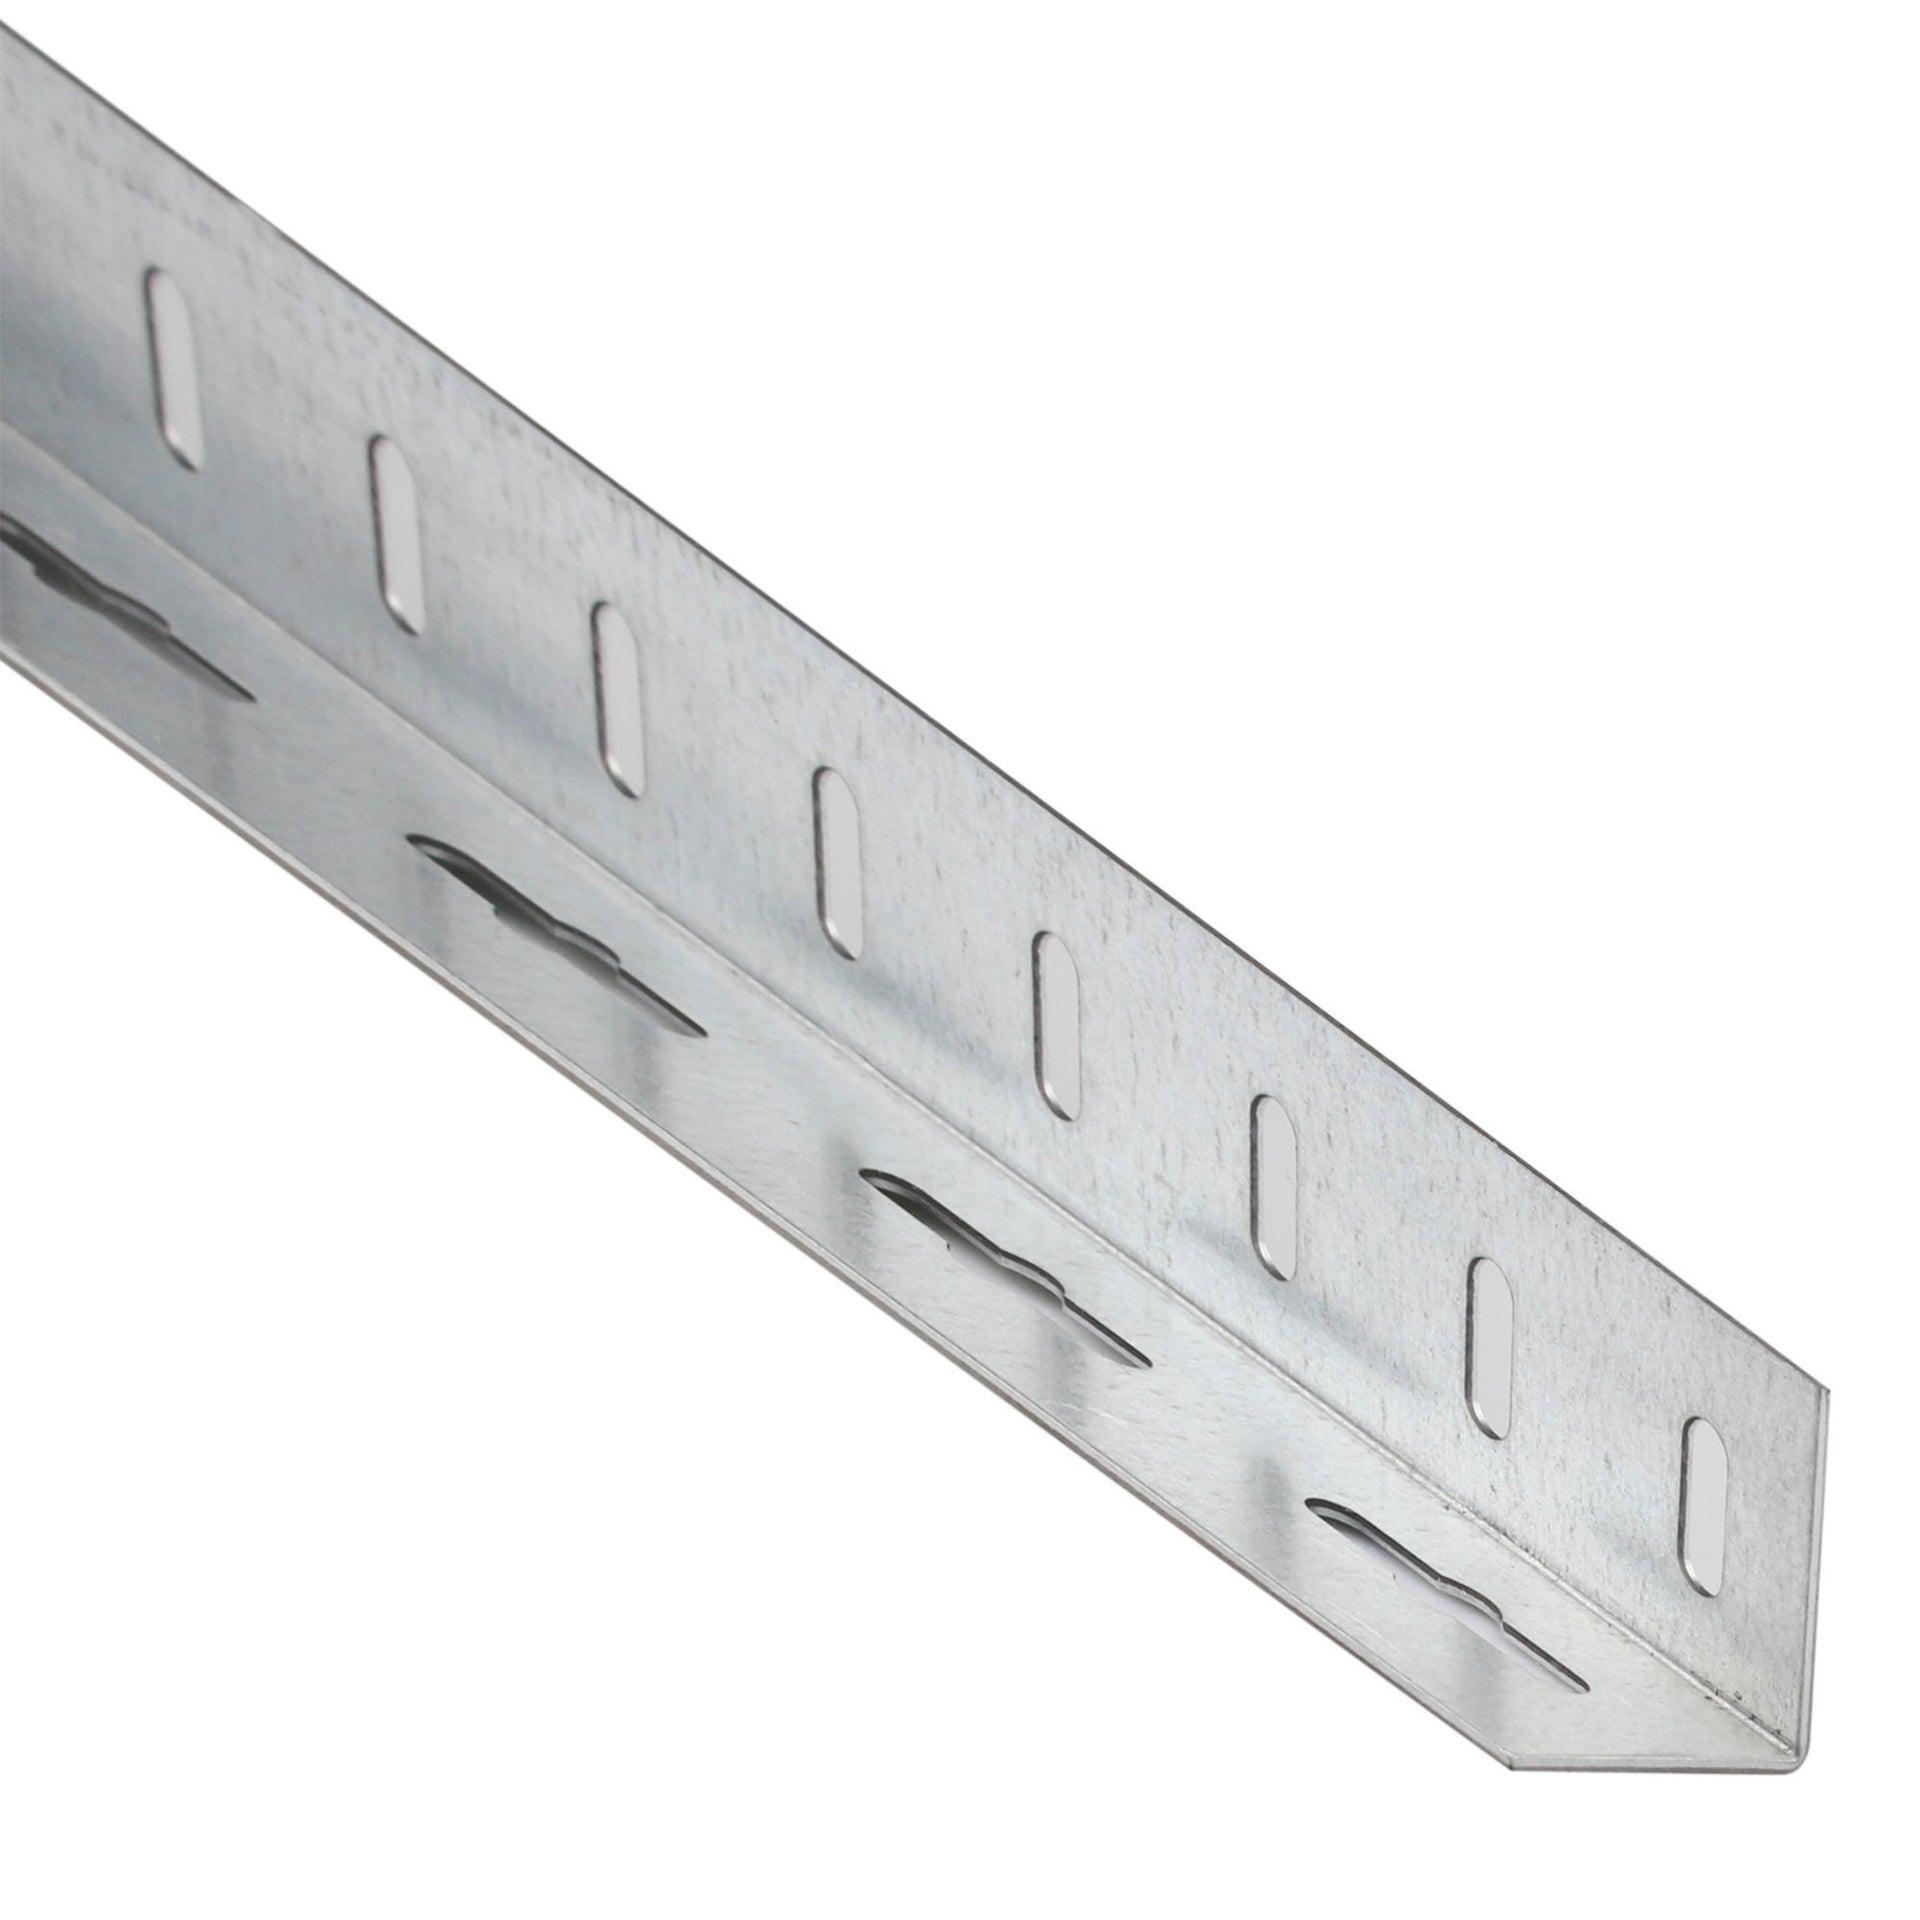 Profilo angolare simmetrico STANDERS in acciaio 2.6 m x 3.55 cm nero - 1